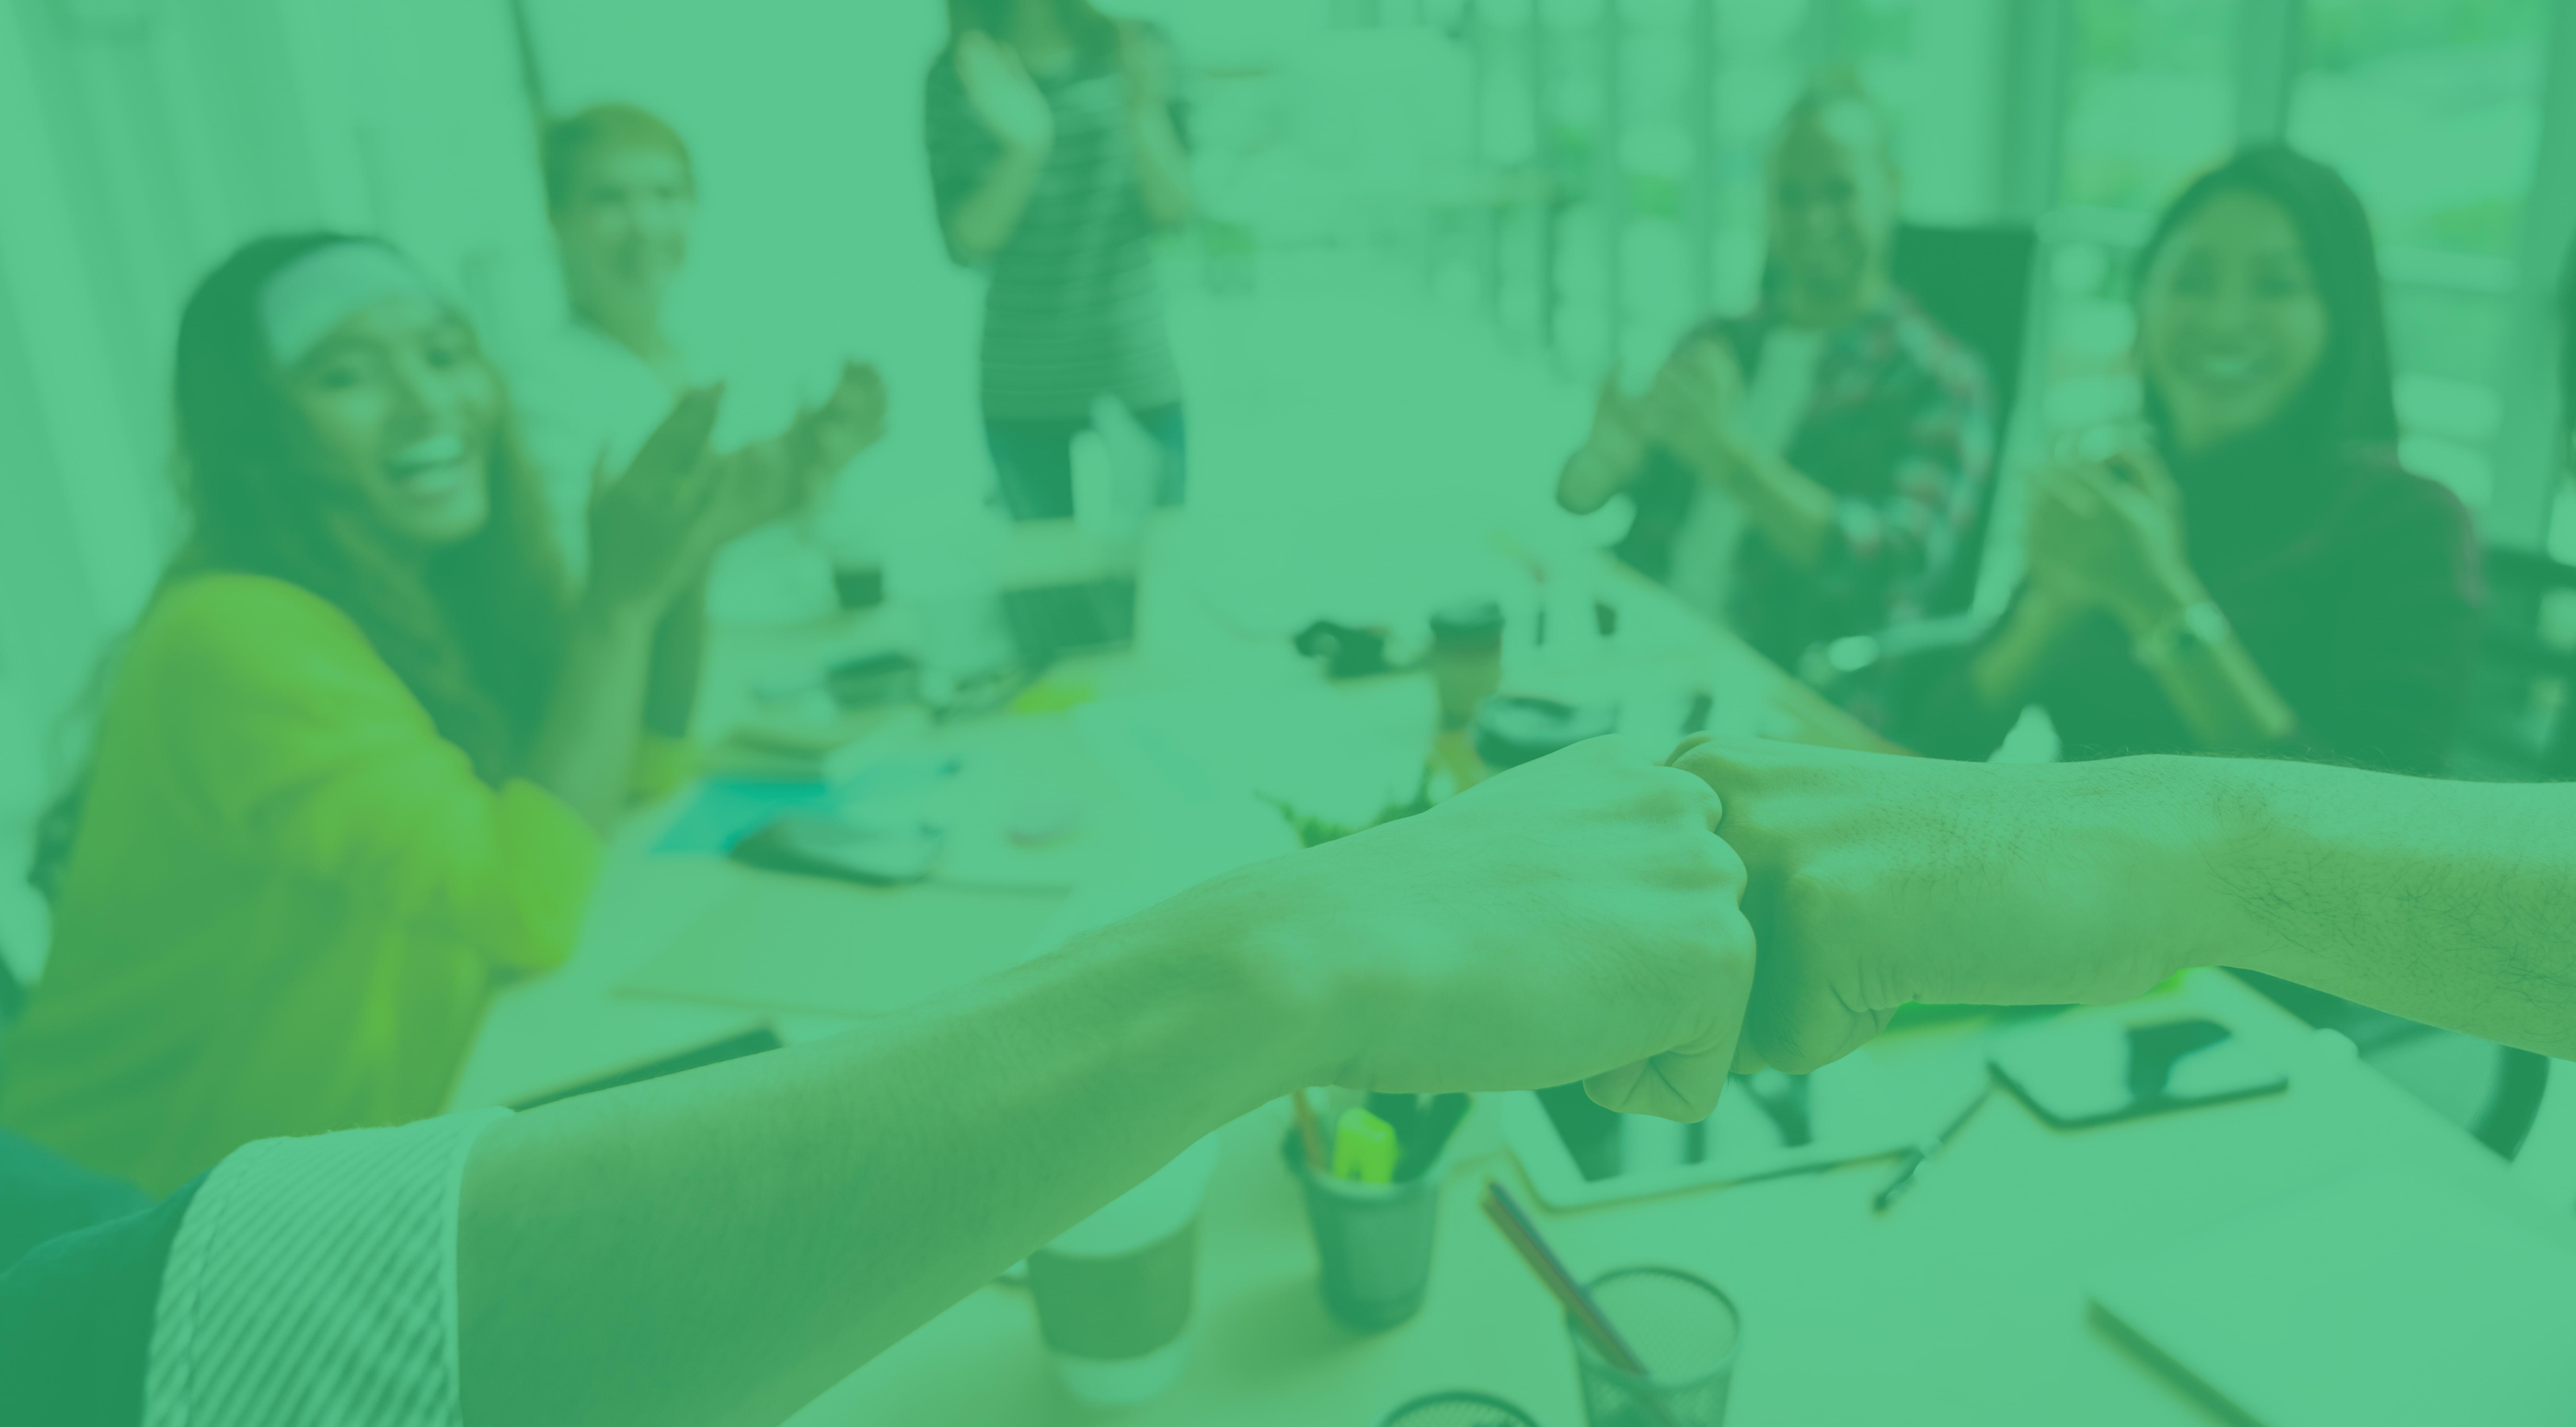 An einem langen Konferenztisch stoßen zwei Personen mit der Faust an, während vier junge Mitarbeiter klatschen und lächeln.